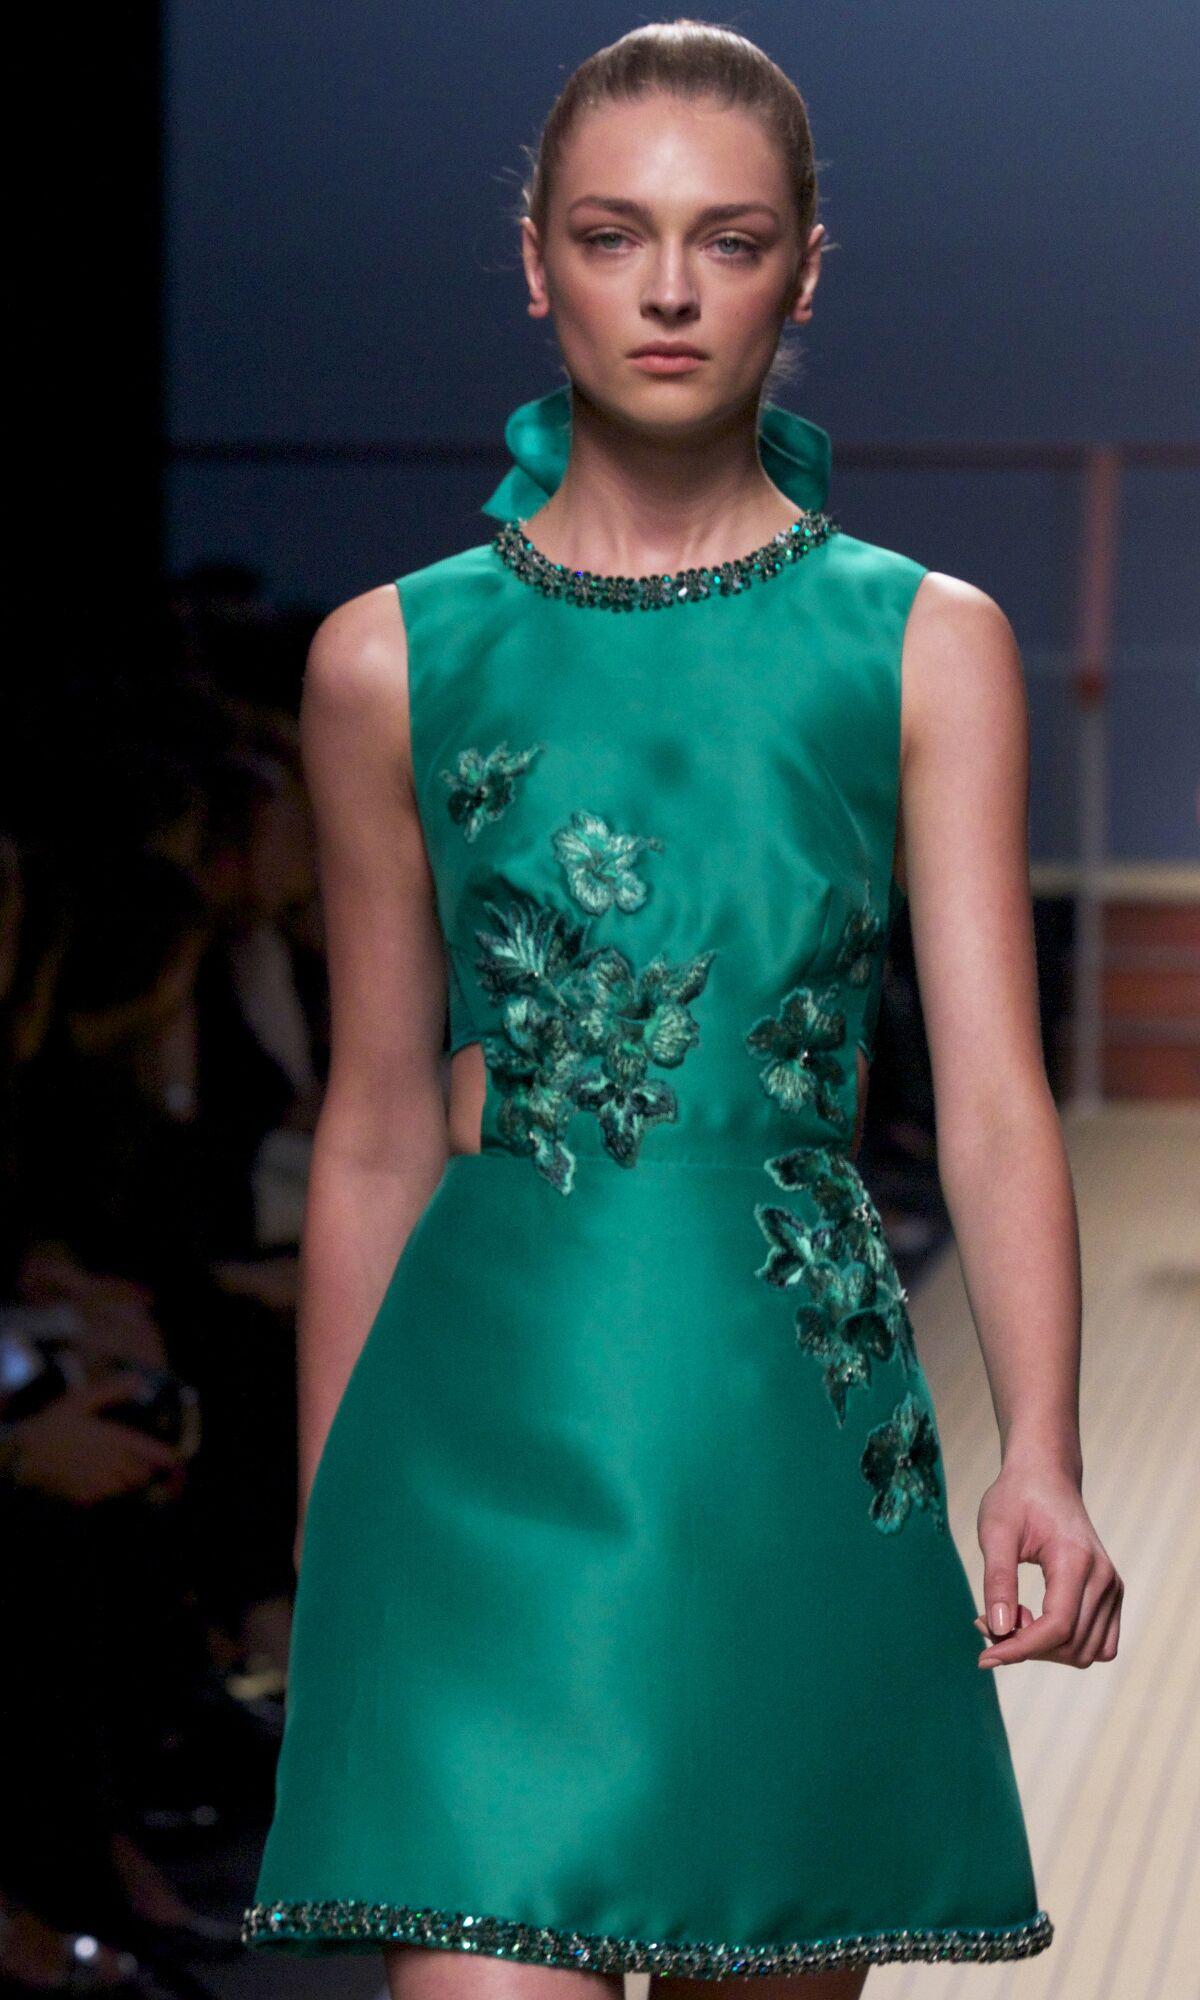 Fashion Woman Model Ermanno Scervino Catwalk